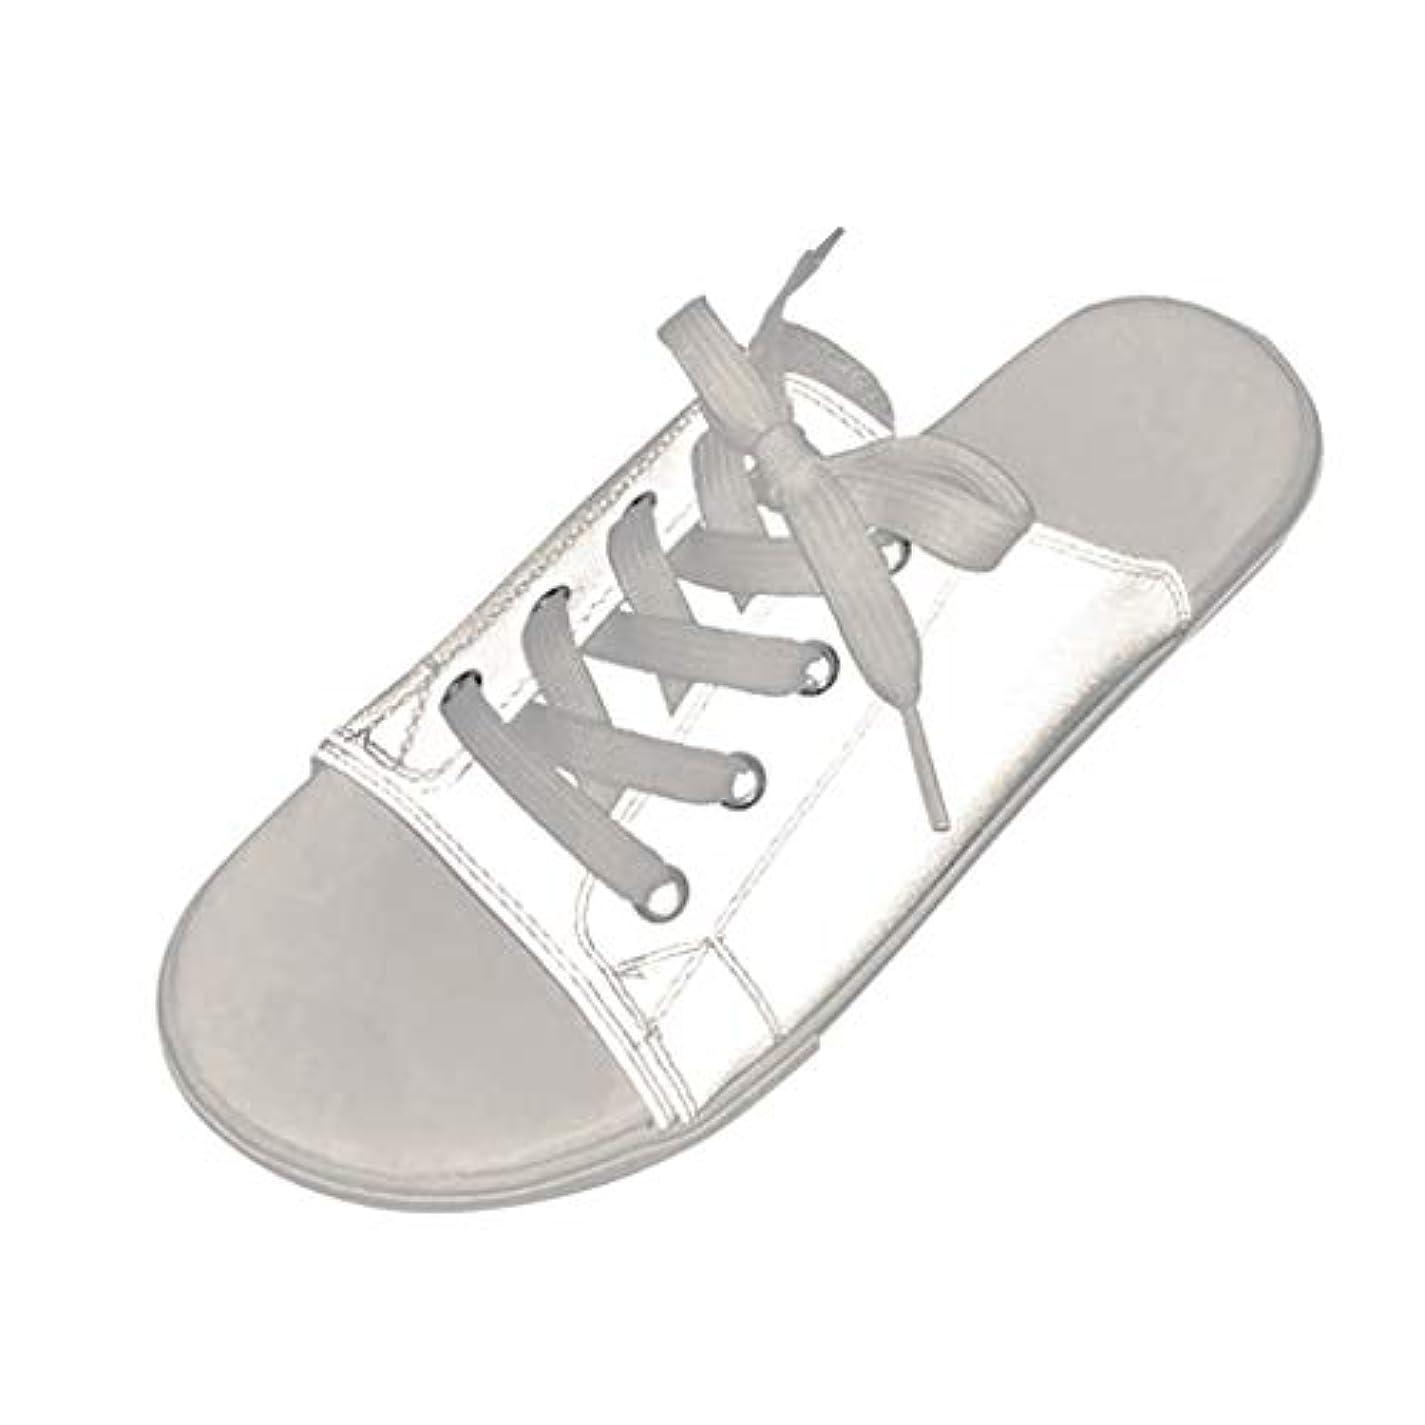 硬さ発表する光電カップルは靴を照らす スリッパシューズ サンダル フラットビーチシューズ 魚の口の靴 輝くサンダル フラットスリッパ レースアップビーチサンダル